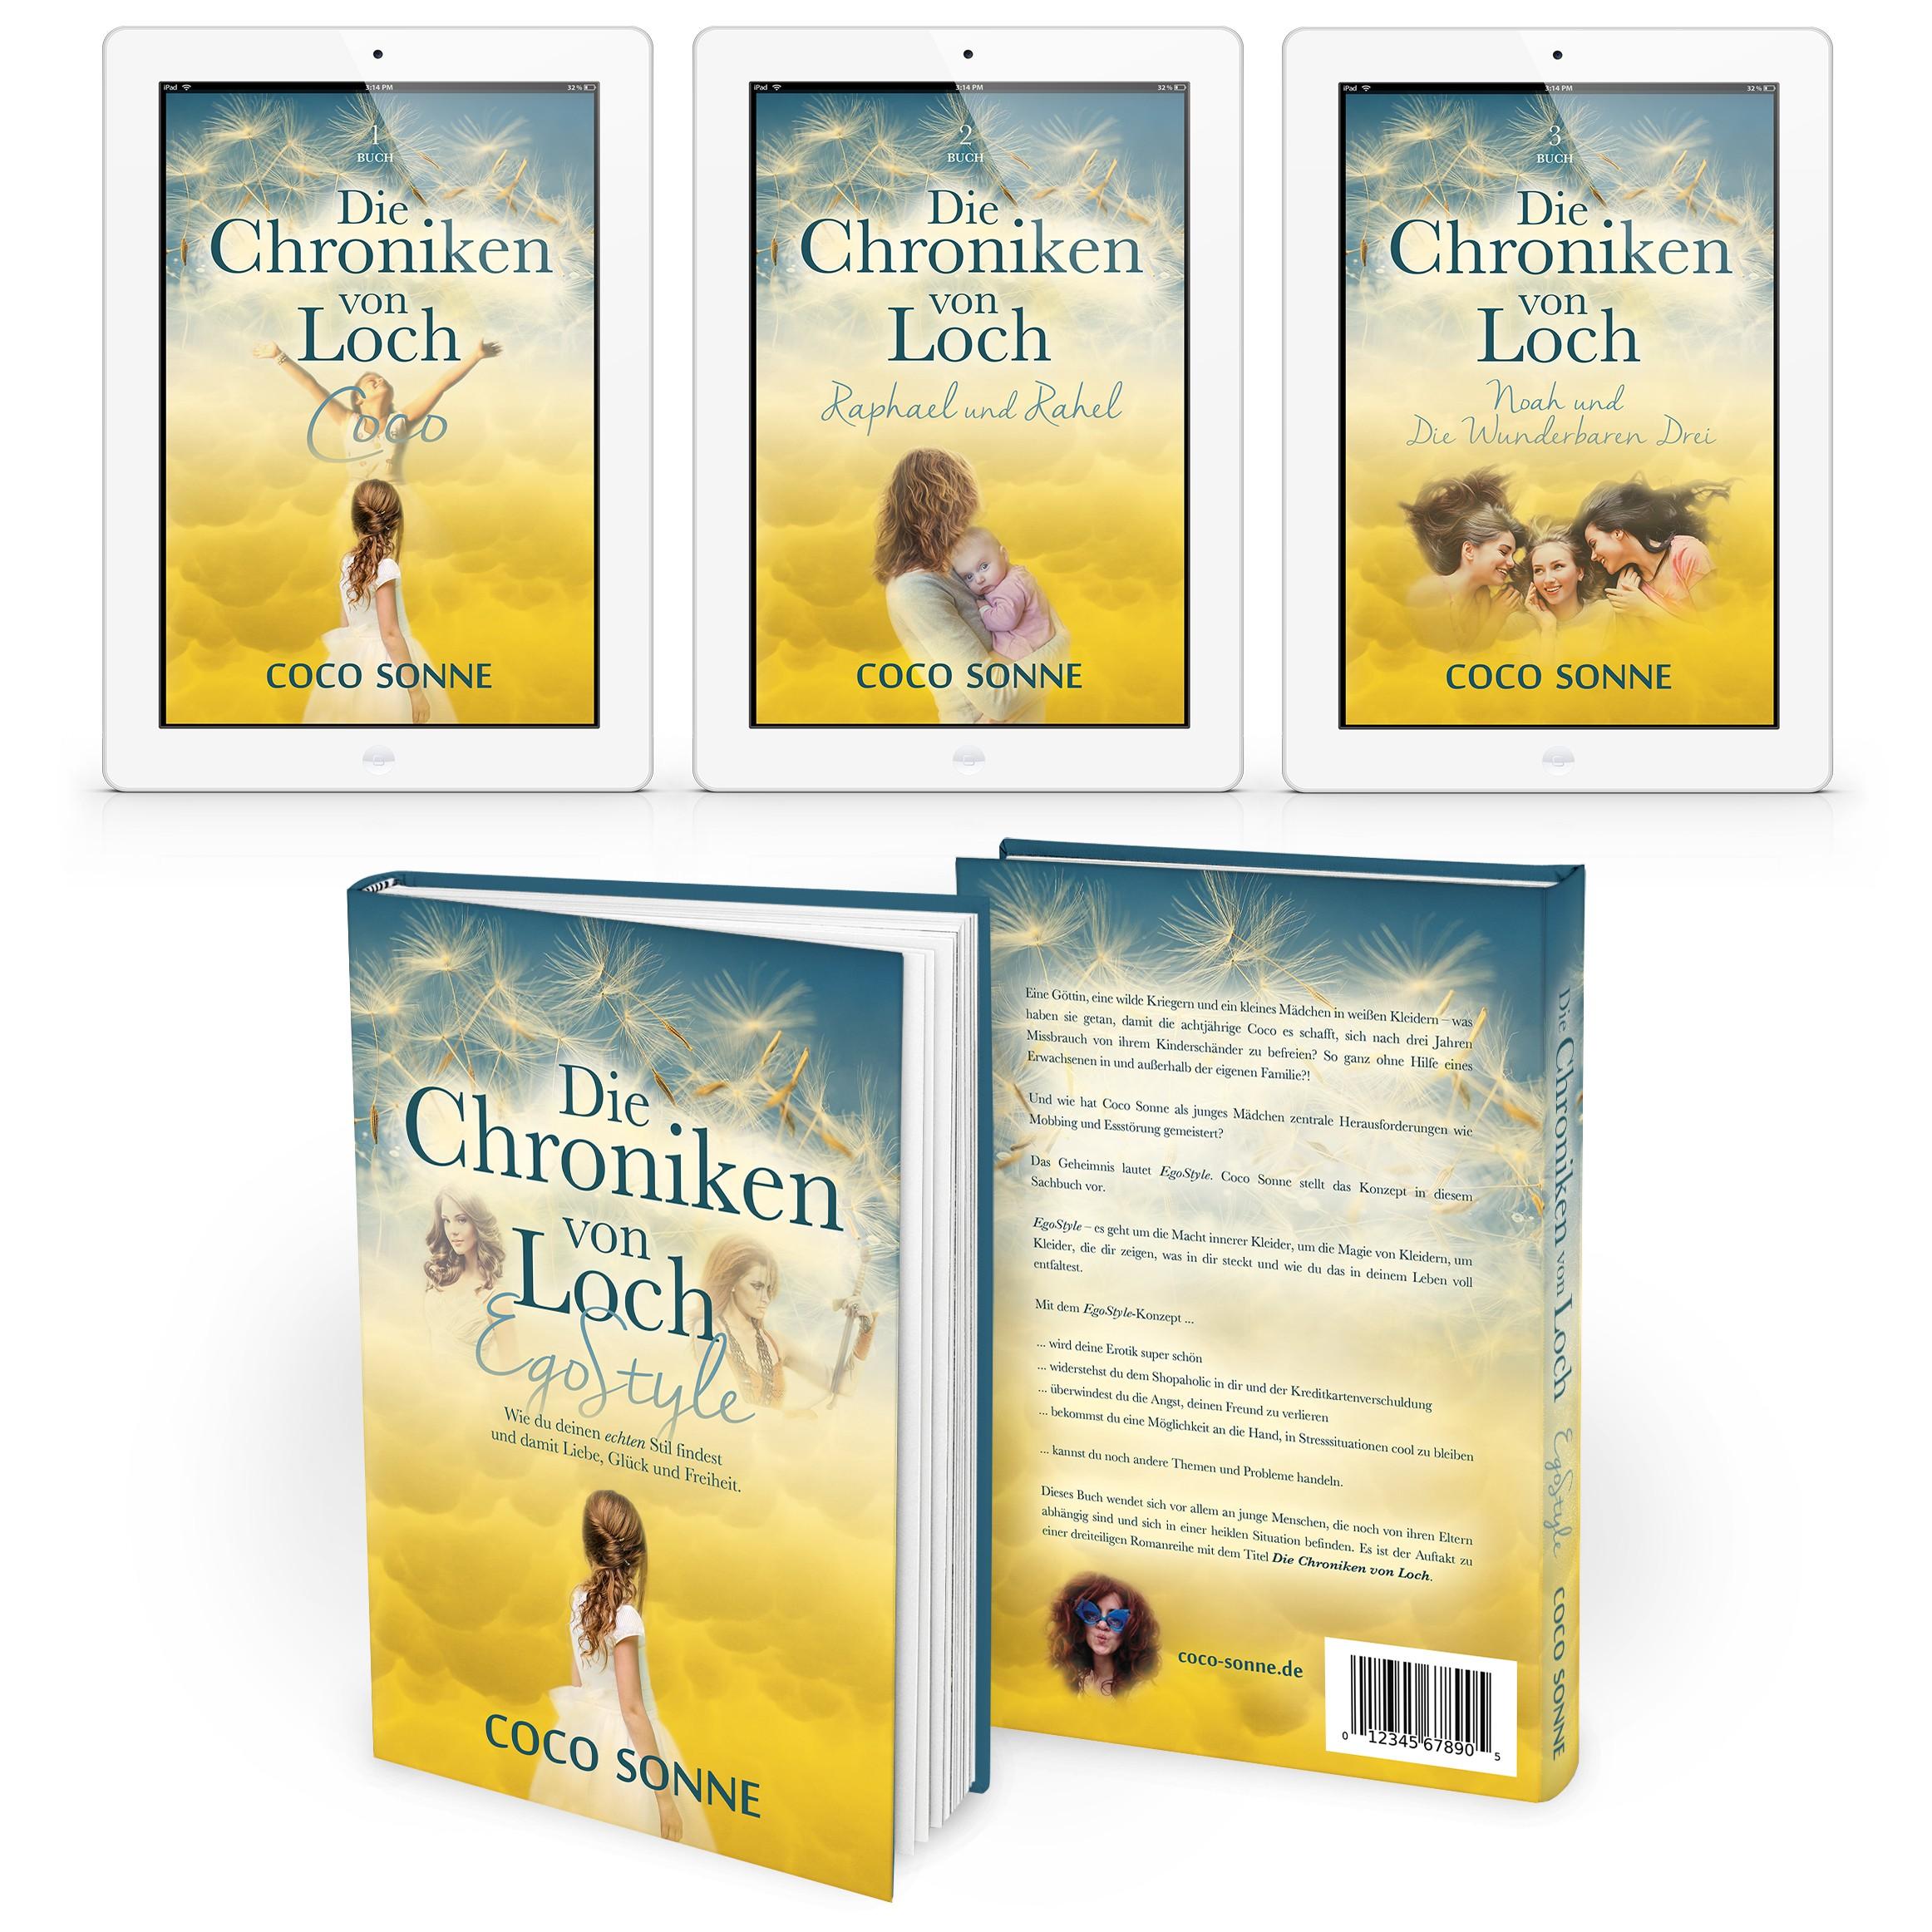 Die Chroniken von Loch - Book 1